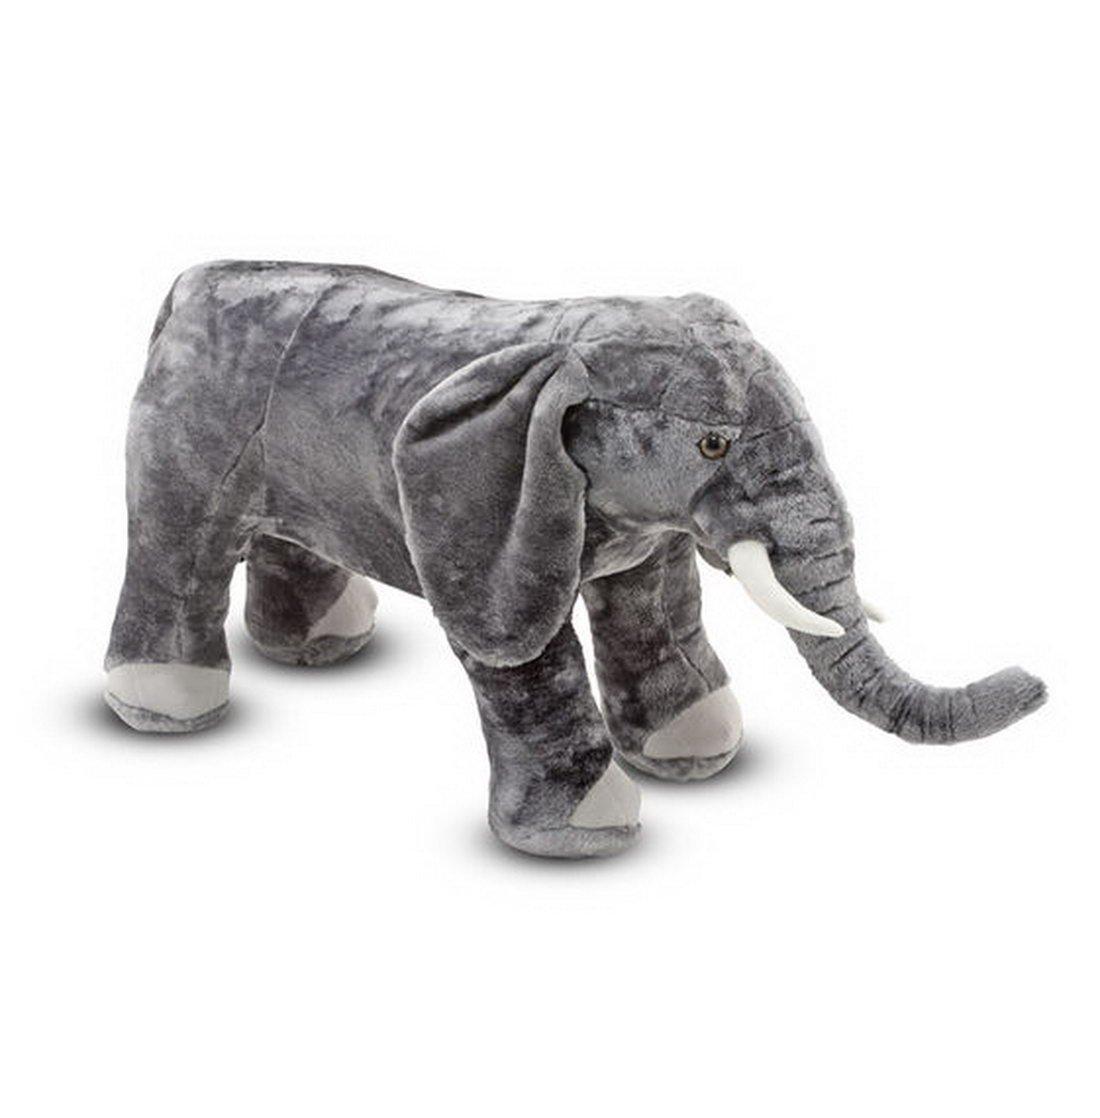 Salut Maman - Gran Elefante Elephant Peluche Oversize Deko, 43 x 94 x 33 cm, Gris: Amazon.es: Juguetes y juegos